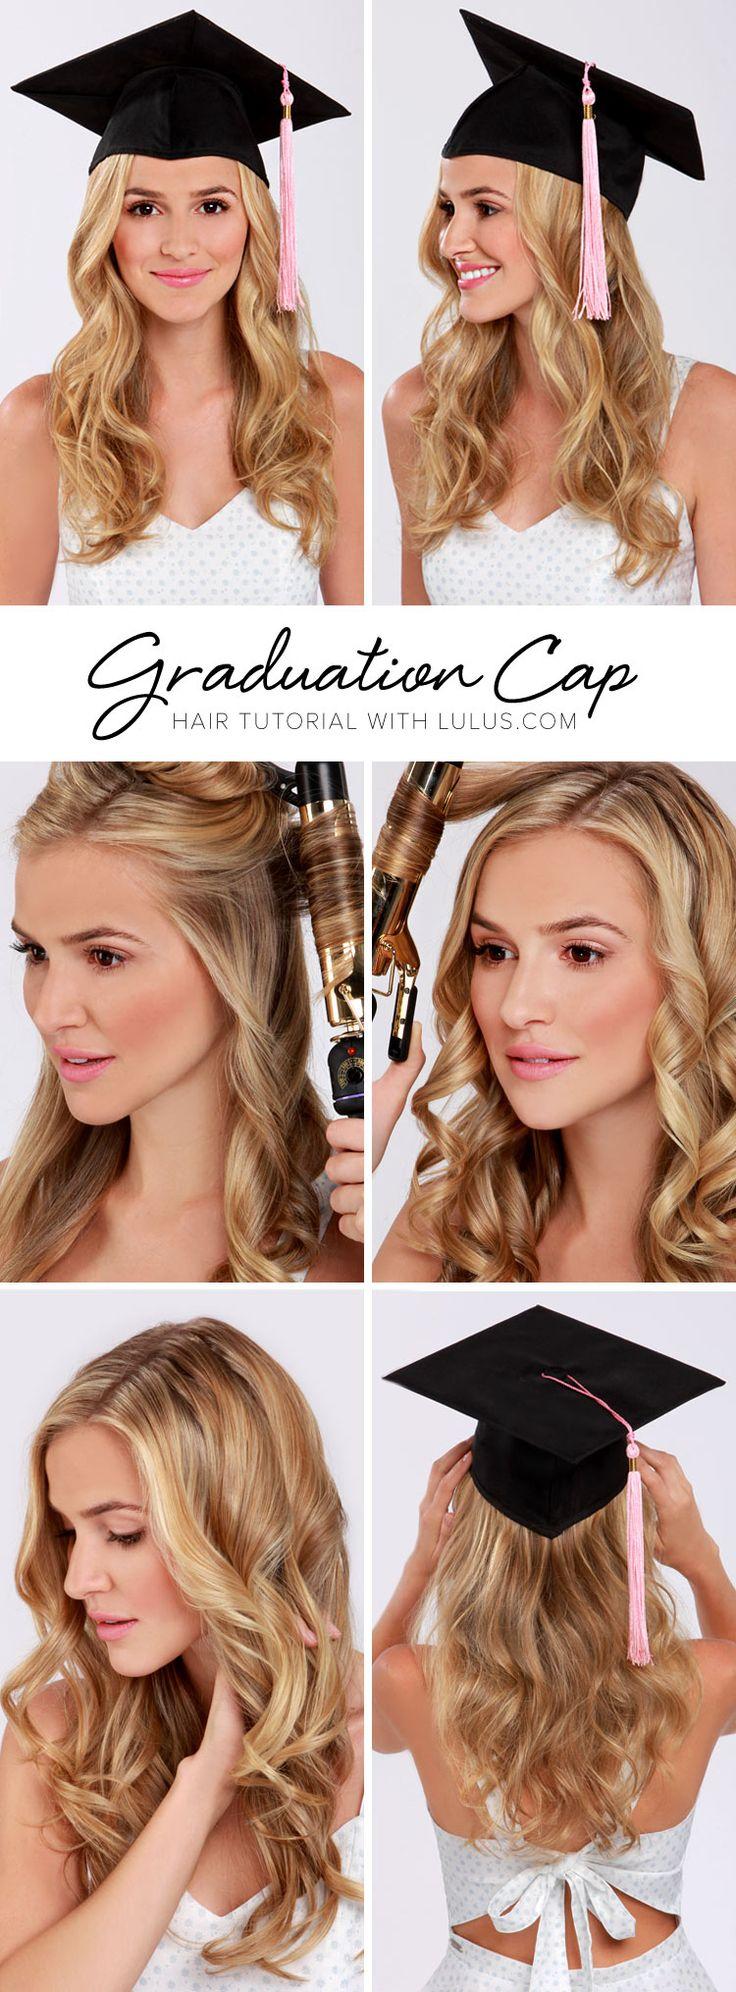 lulus how-to: graduation cap hair tutorial | cap, tutorials and